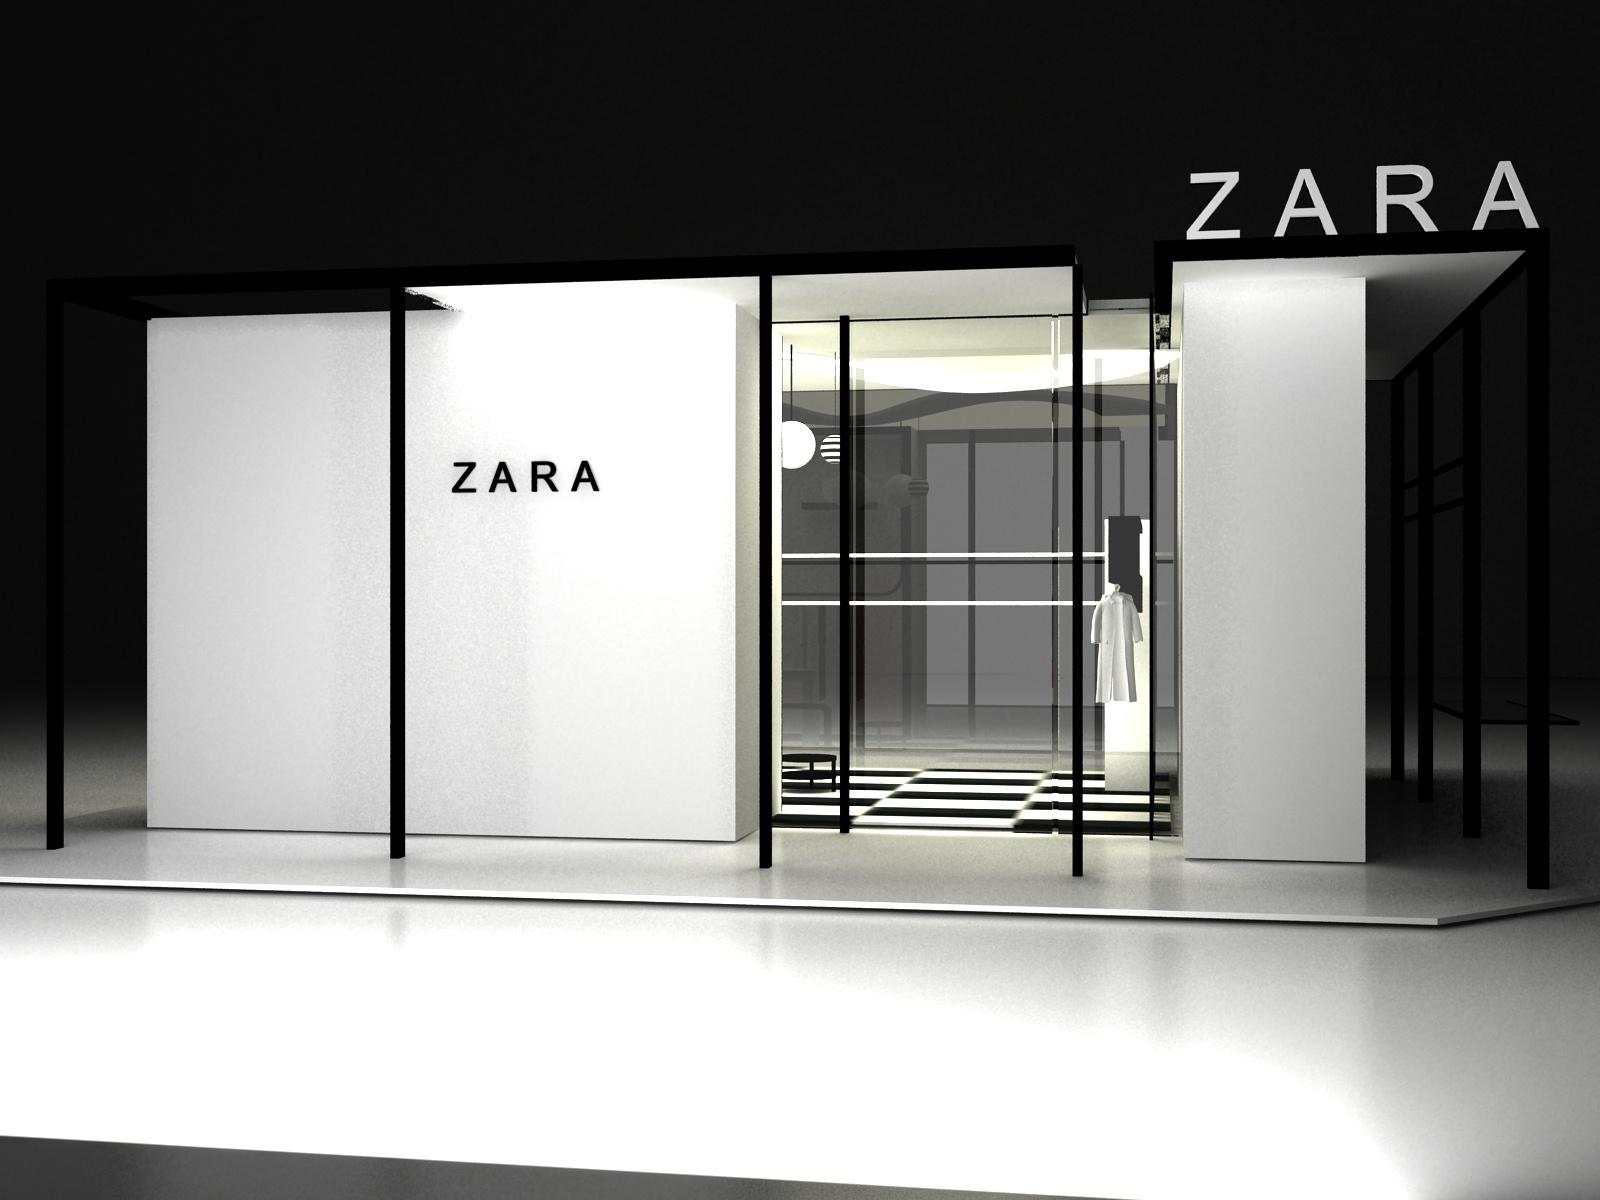 zara女装店面设计图片